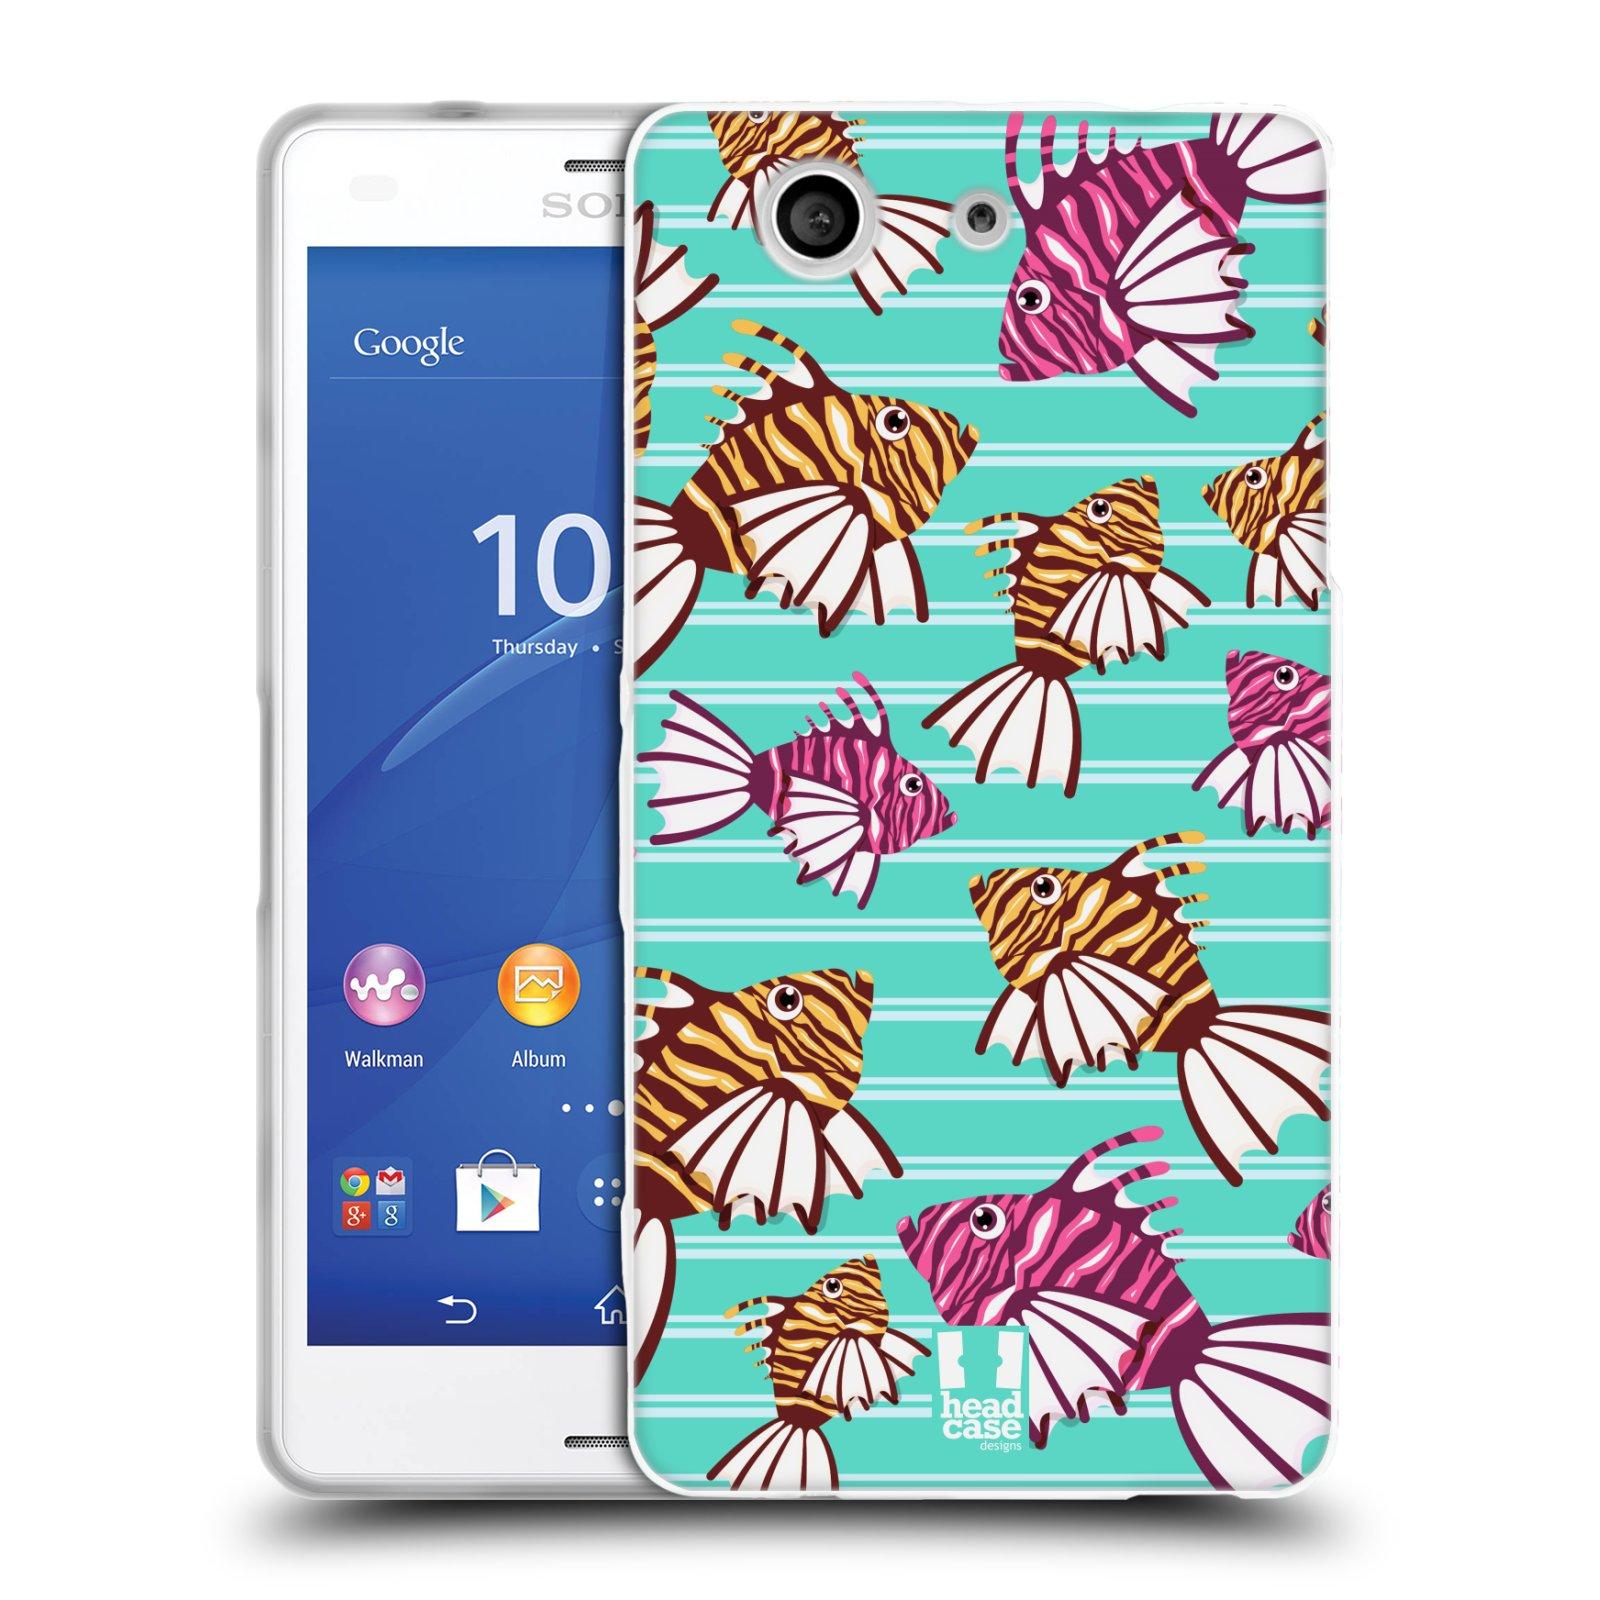 HEAD CASE silikonový obal na mobil Sony Xperia Z3 COMPACT (D5803) vzor mořský živočich ryba